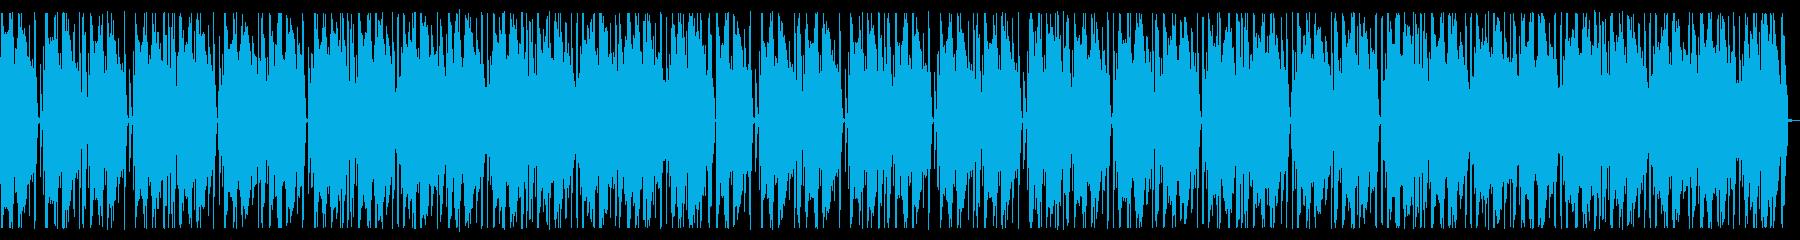 不気味なローファイ_No626_1の再生済みの波形